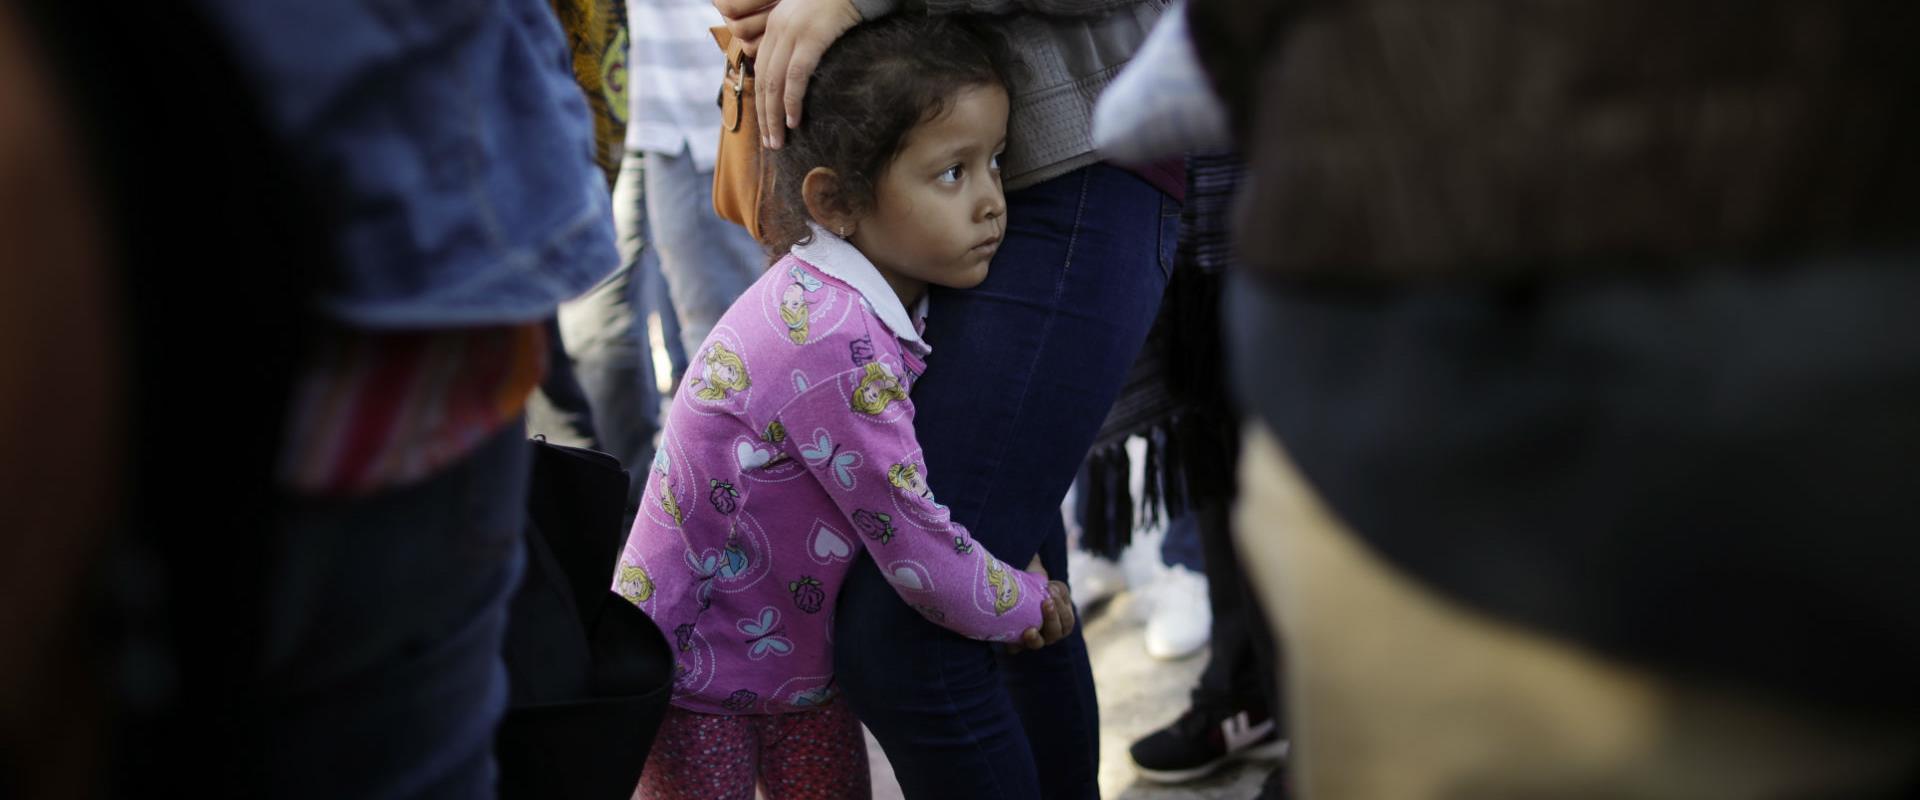 מהגרים בגבול מקסיקו ארצות הברית, ארכיון